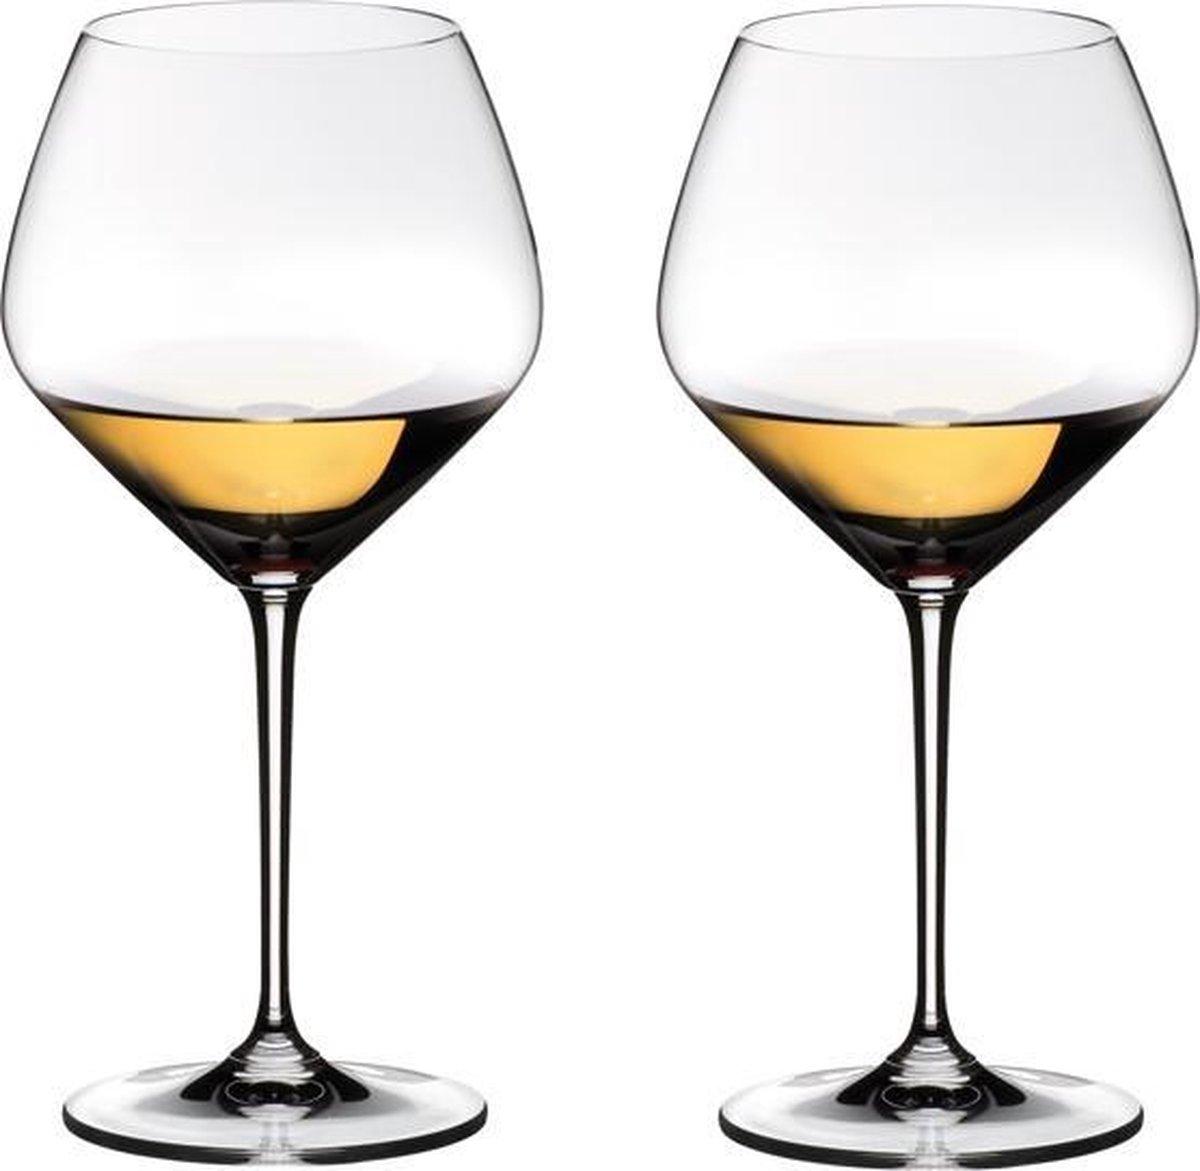 Riedel Vinum Extreme Oaked Chardonnay Wijnglazen - set van 2 - Riedel